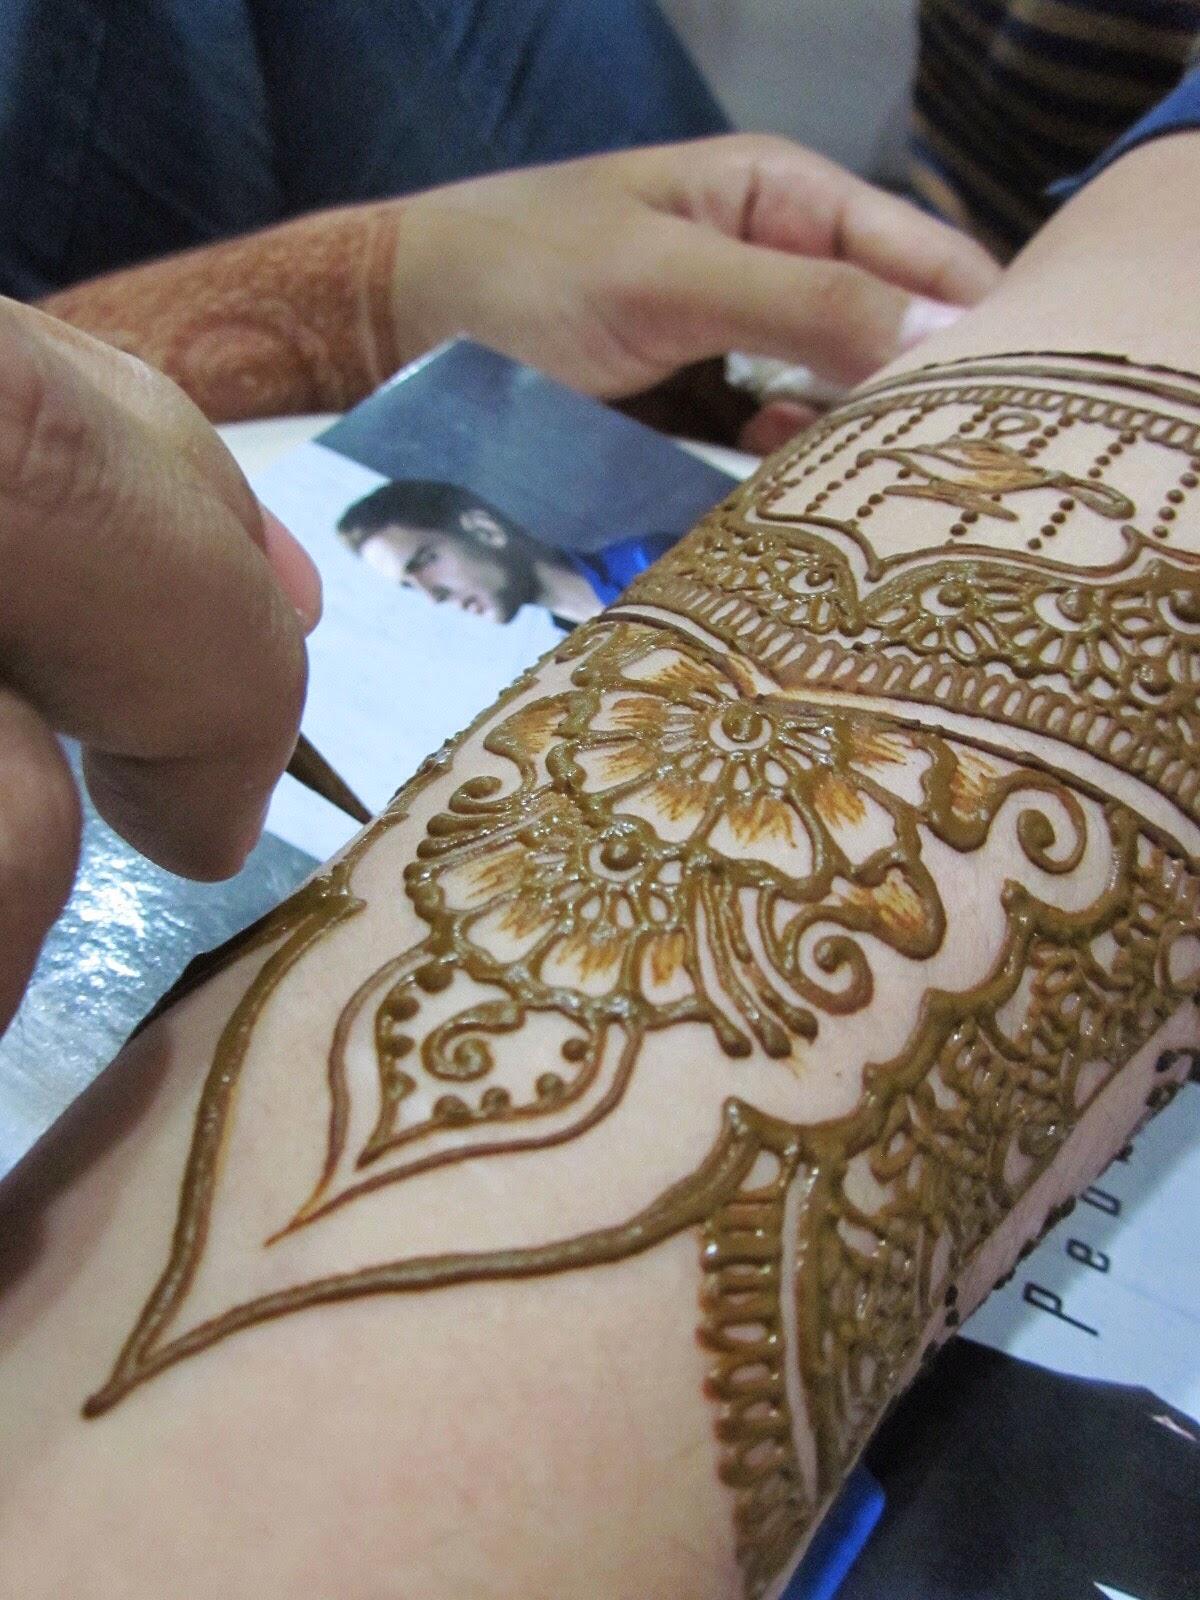 12 Zudi Henna Art Kursus Henna By 12 Zudi Henna Art